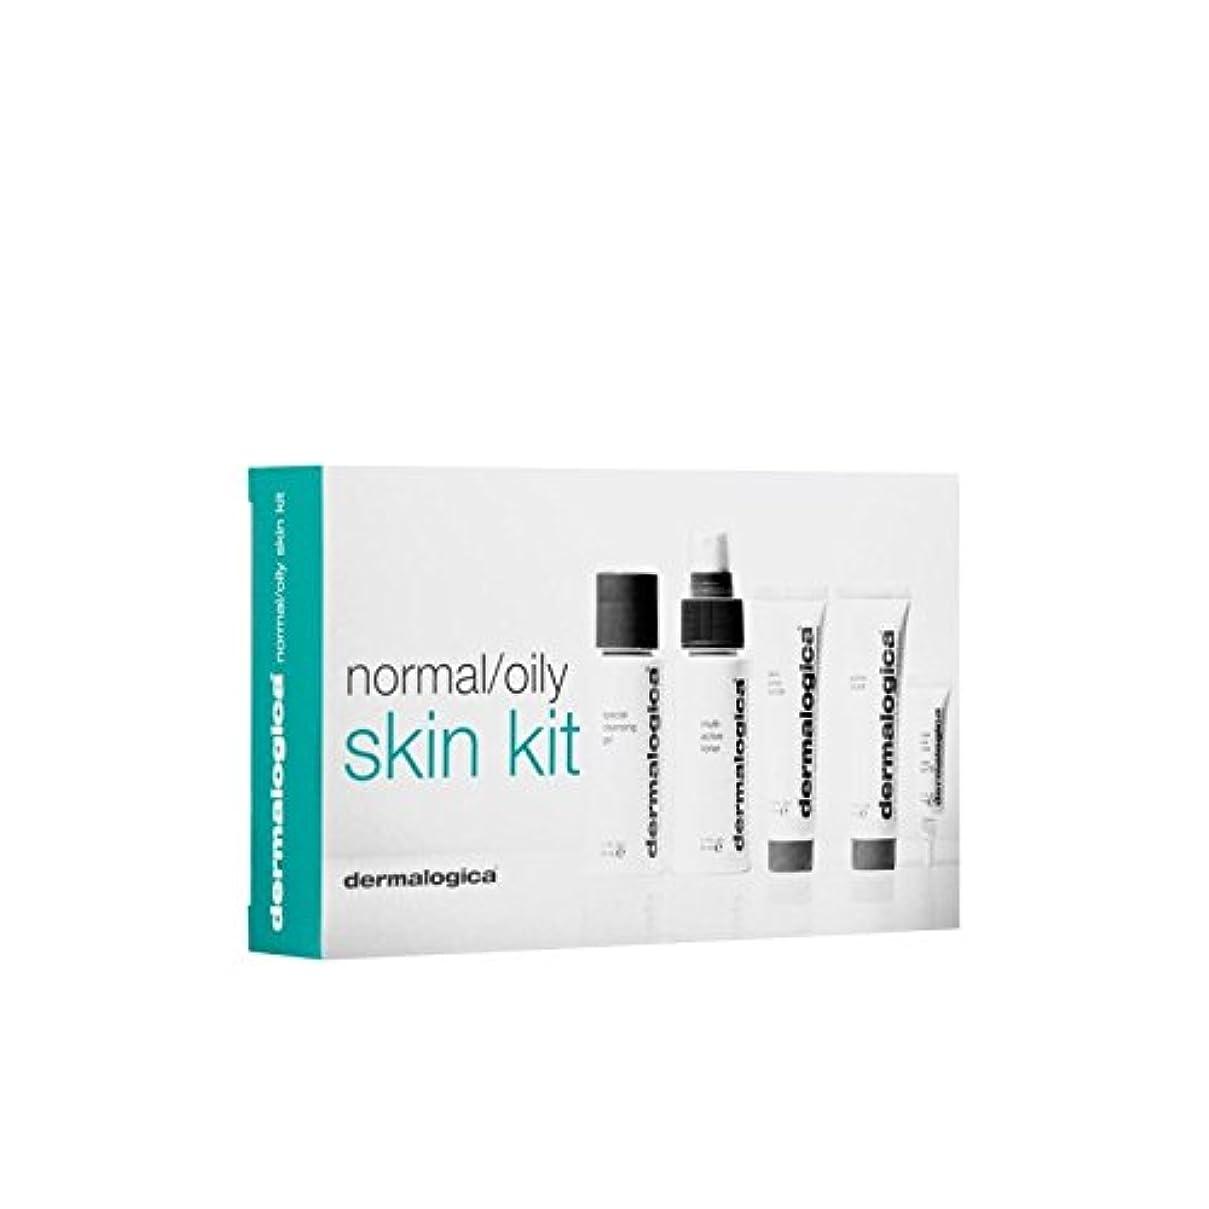 フェリー行政出血Dermalogica Skin Kit - Normal/Oily (5 Products) - ダーマロジカスキンキット - ノーマル/オイリー(5製品) [並行輸入品]